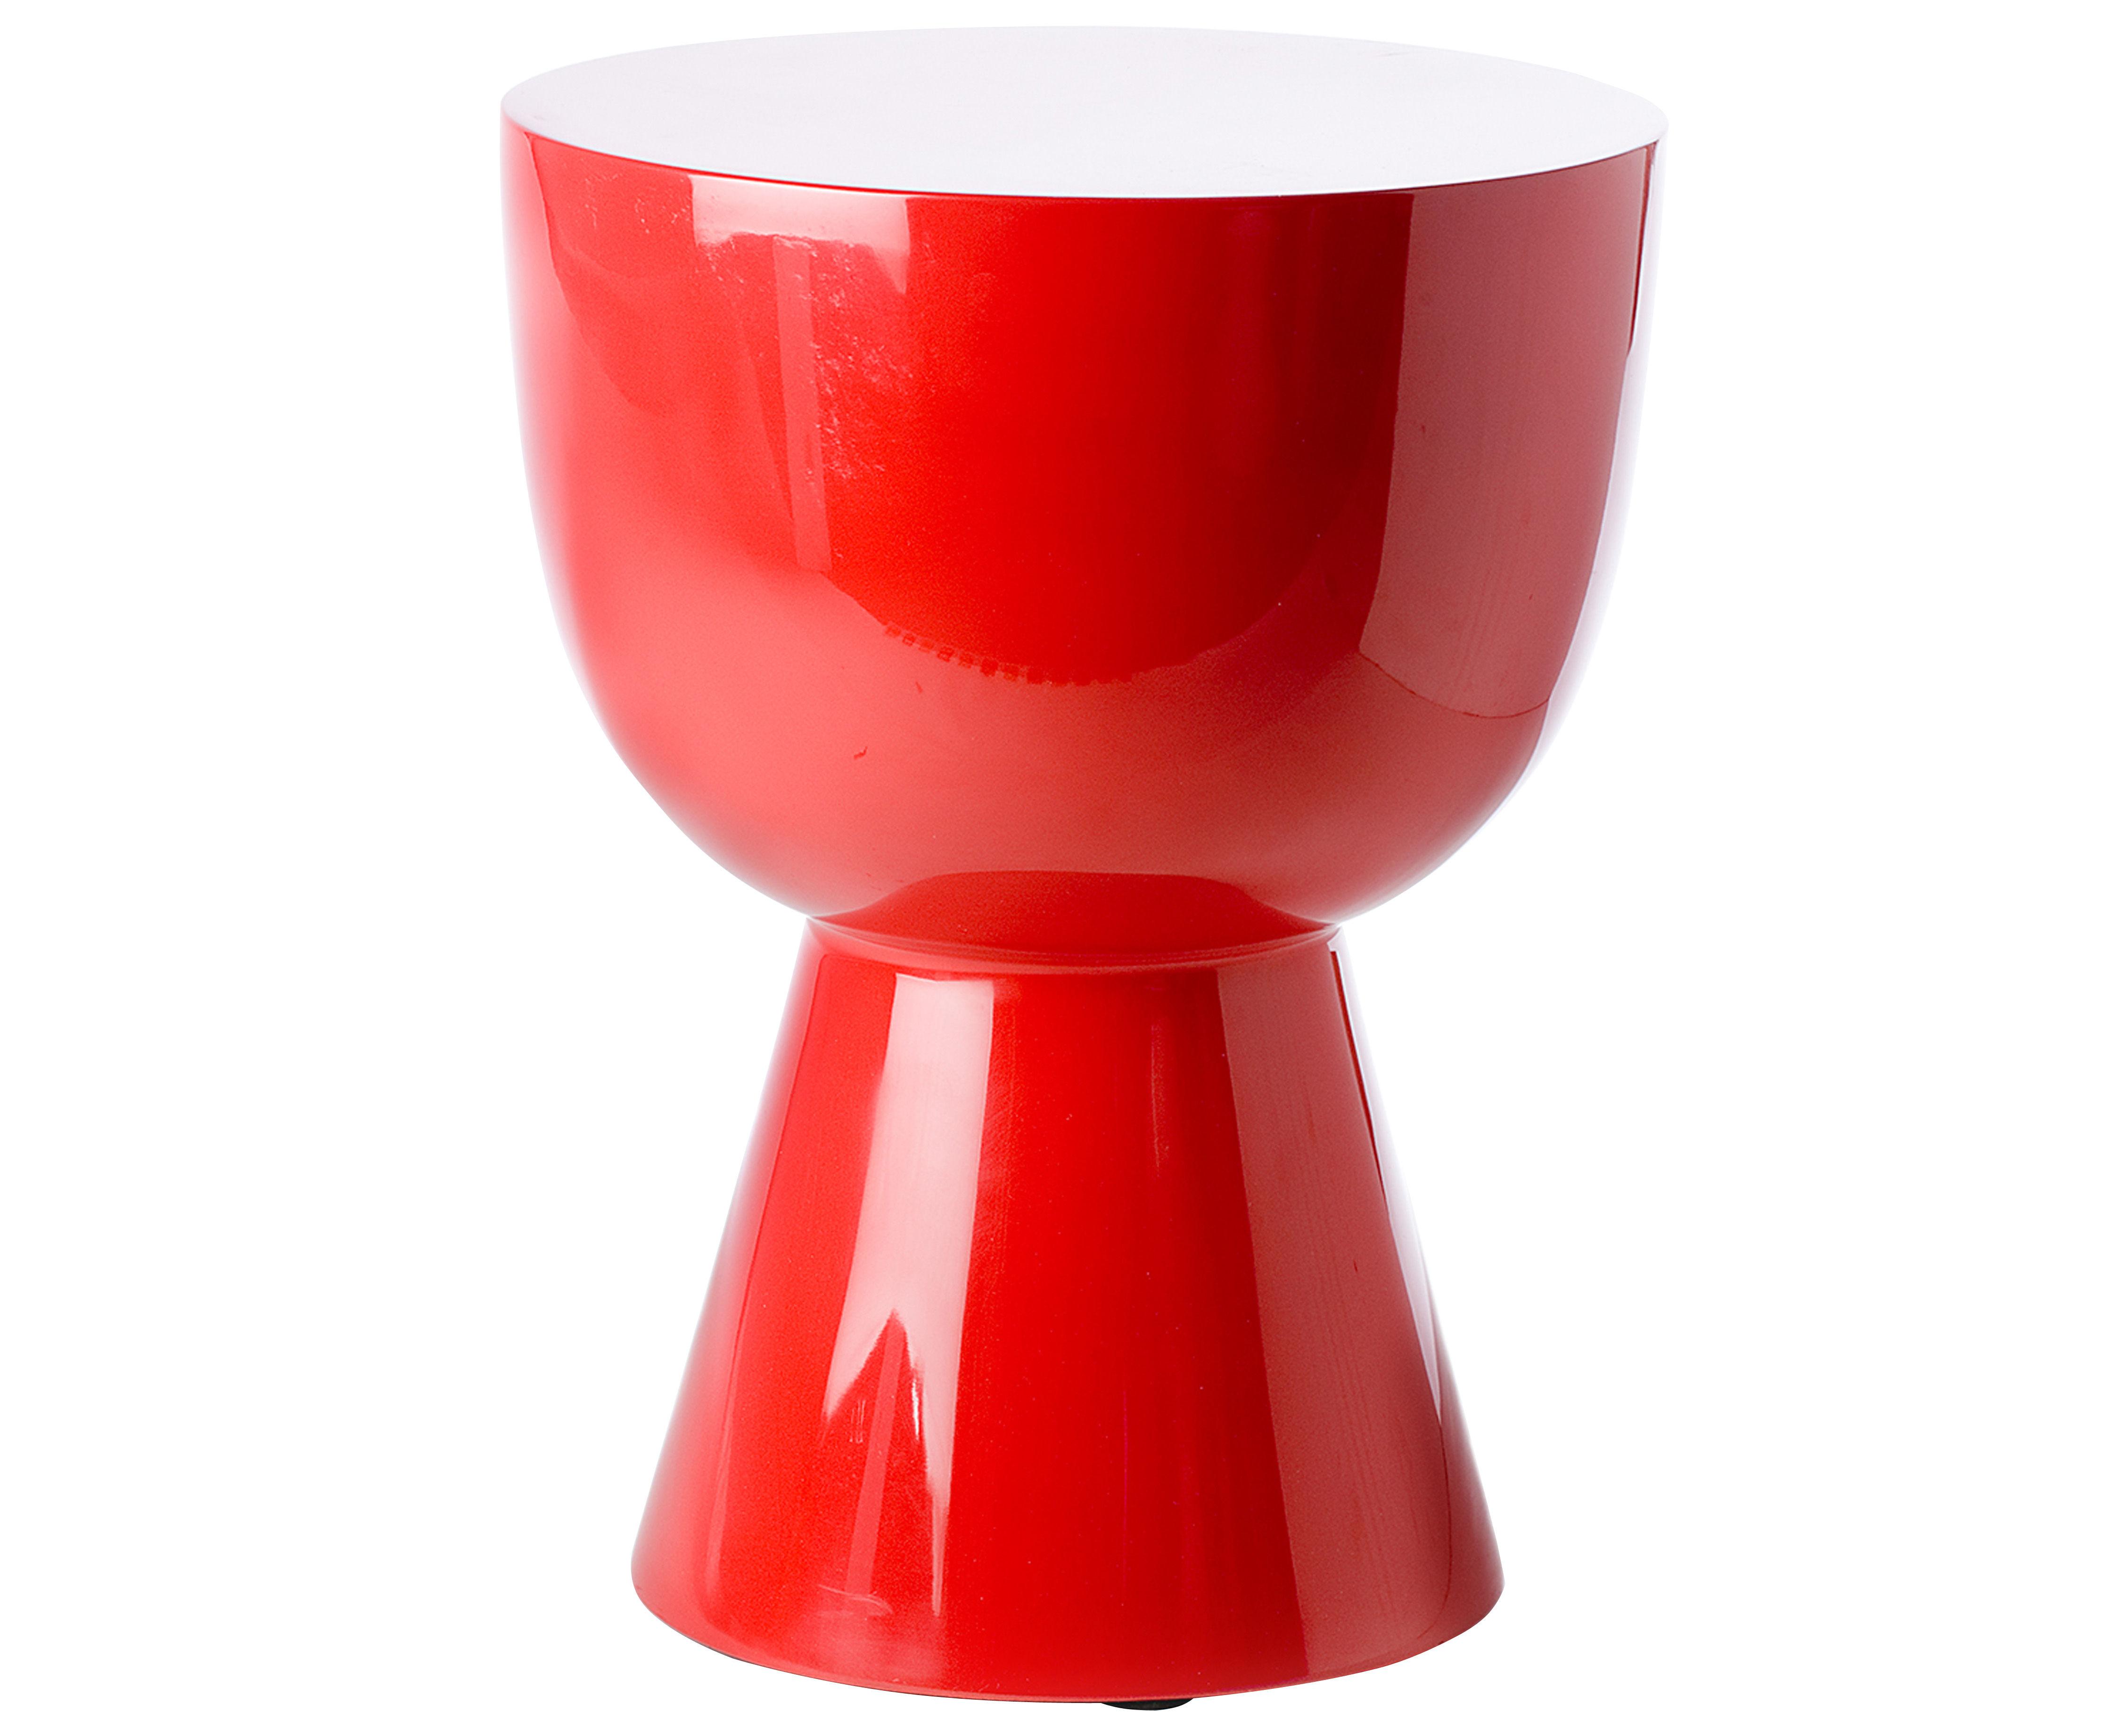 tabouret tam tam plastique rouge pols potten. Black Bedroom Furniture Sets. Home Design Ideas